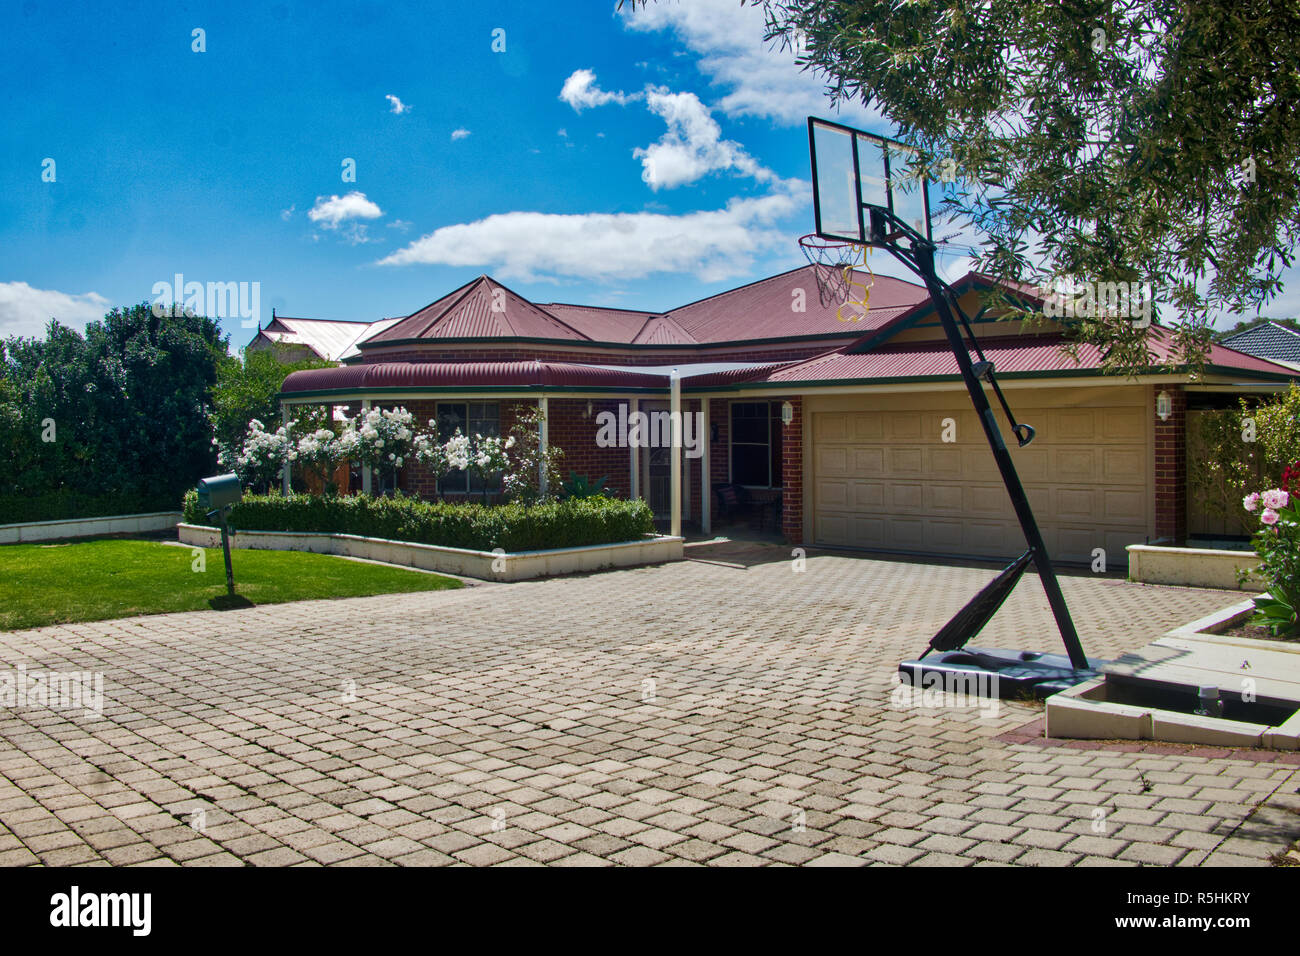 Baloncesto net en Torridon Loop, wanneroo Imagen De Stock